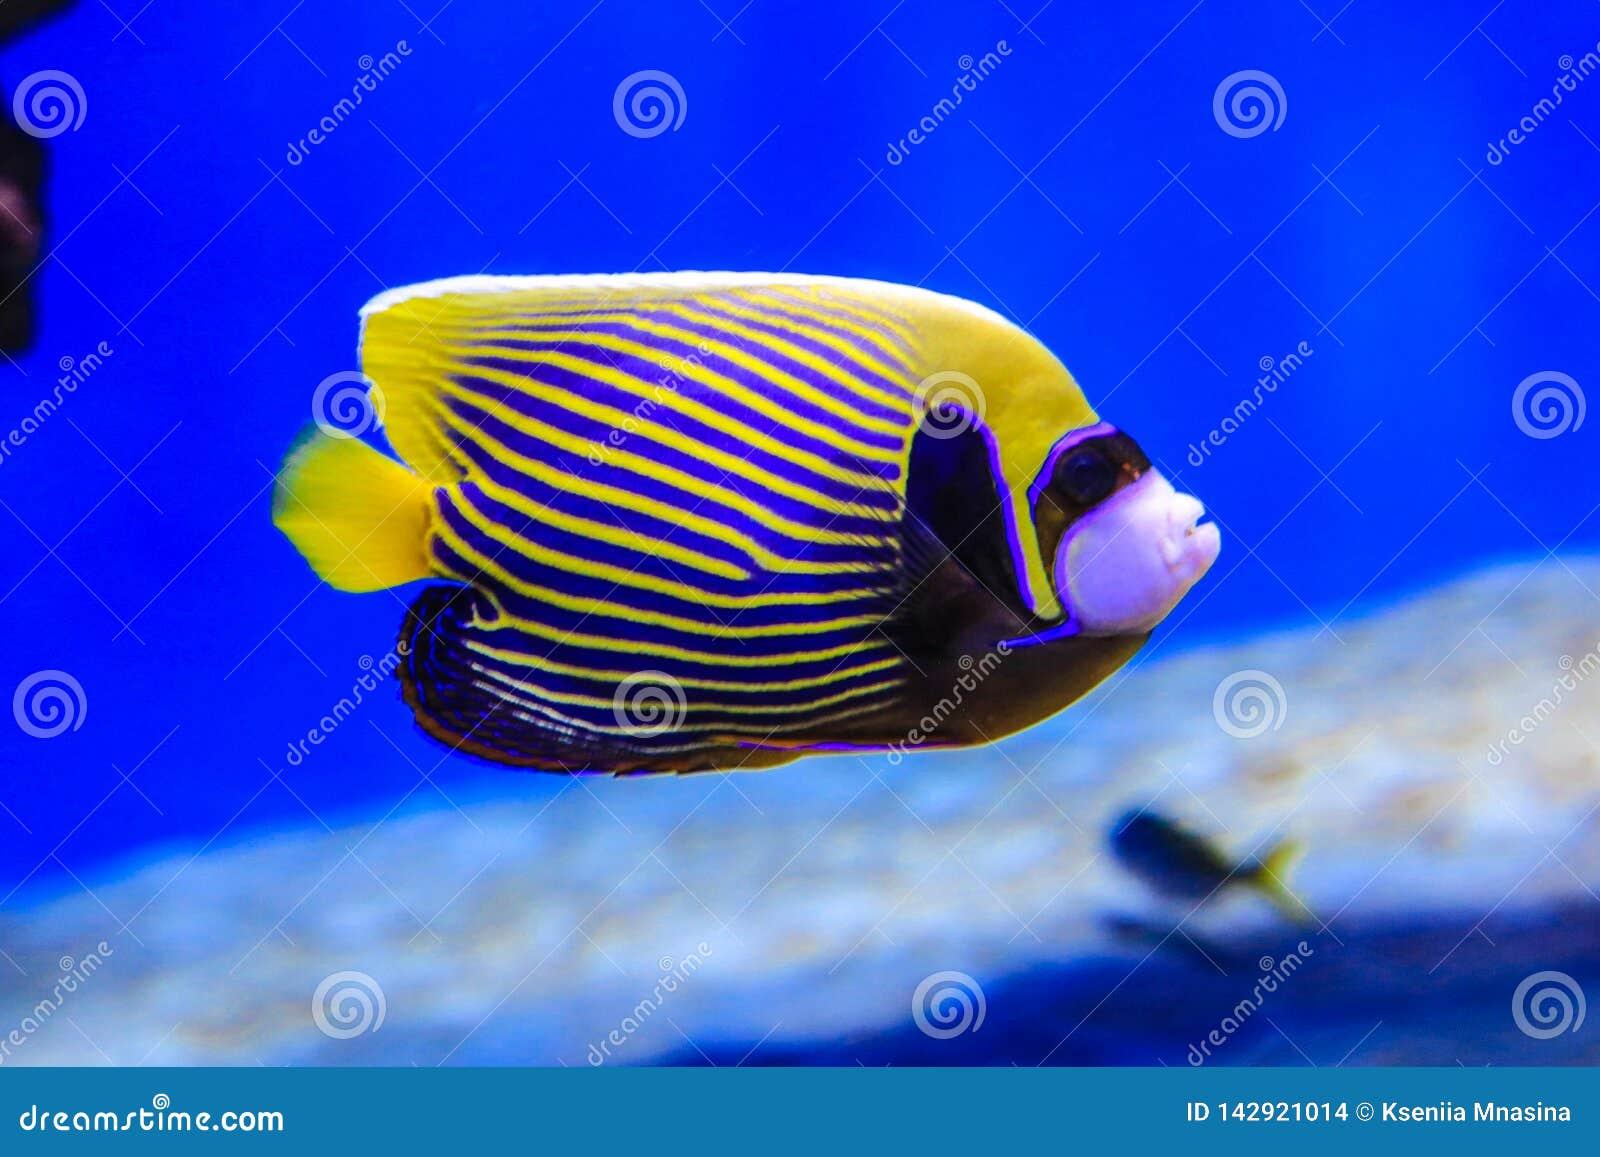 El pescado de la mariposa nada en agua azul en el fondo coralino